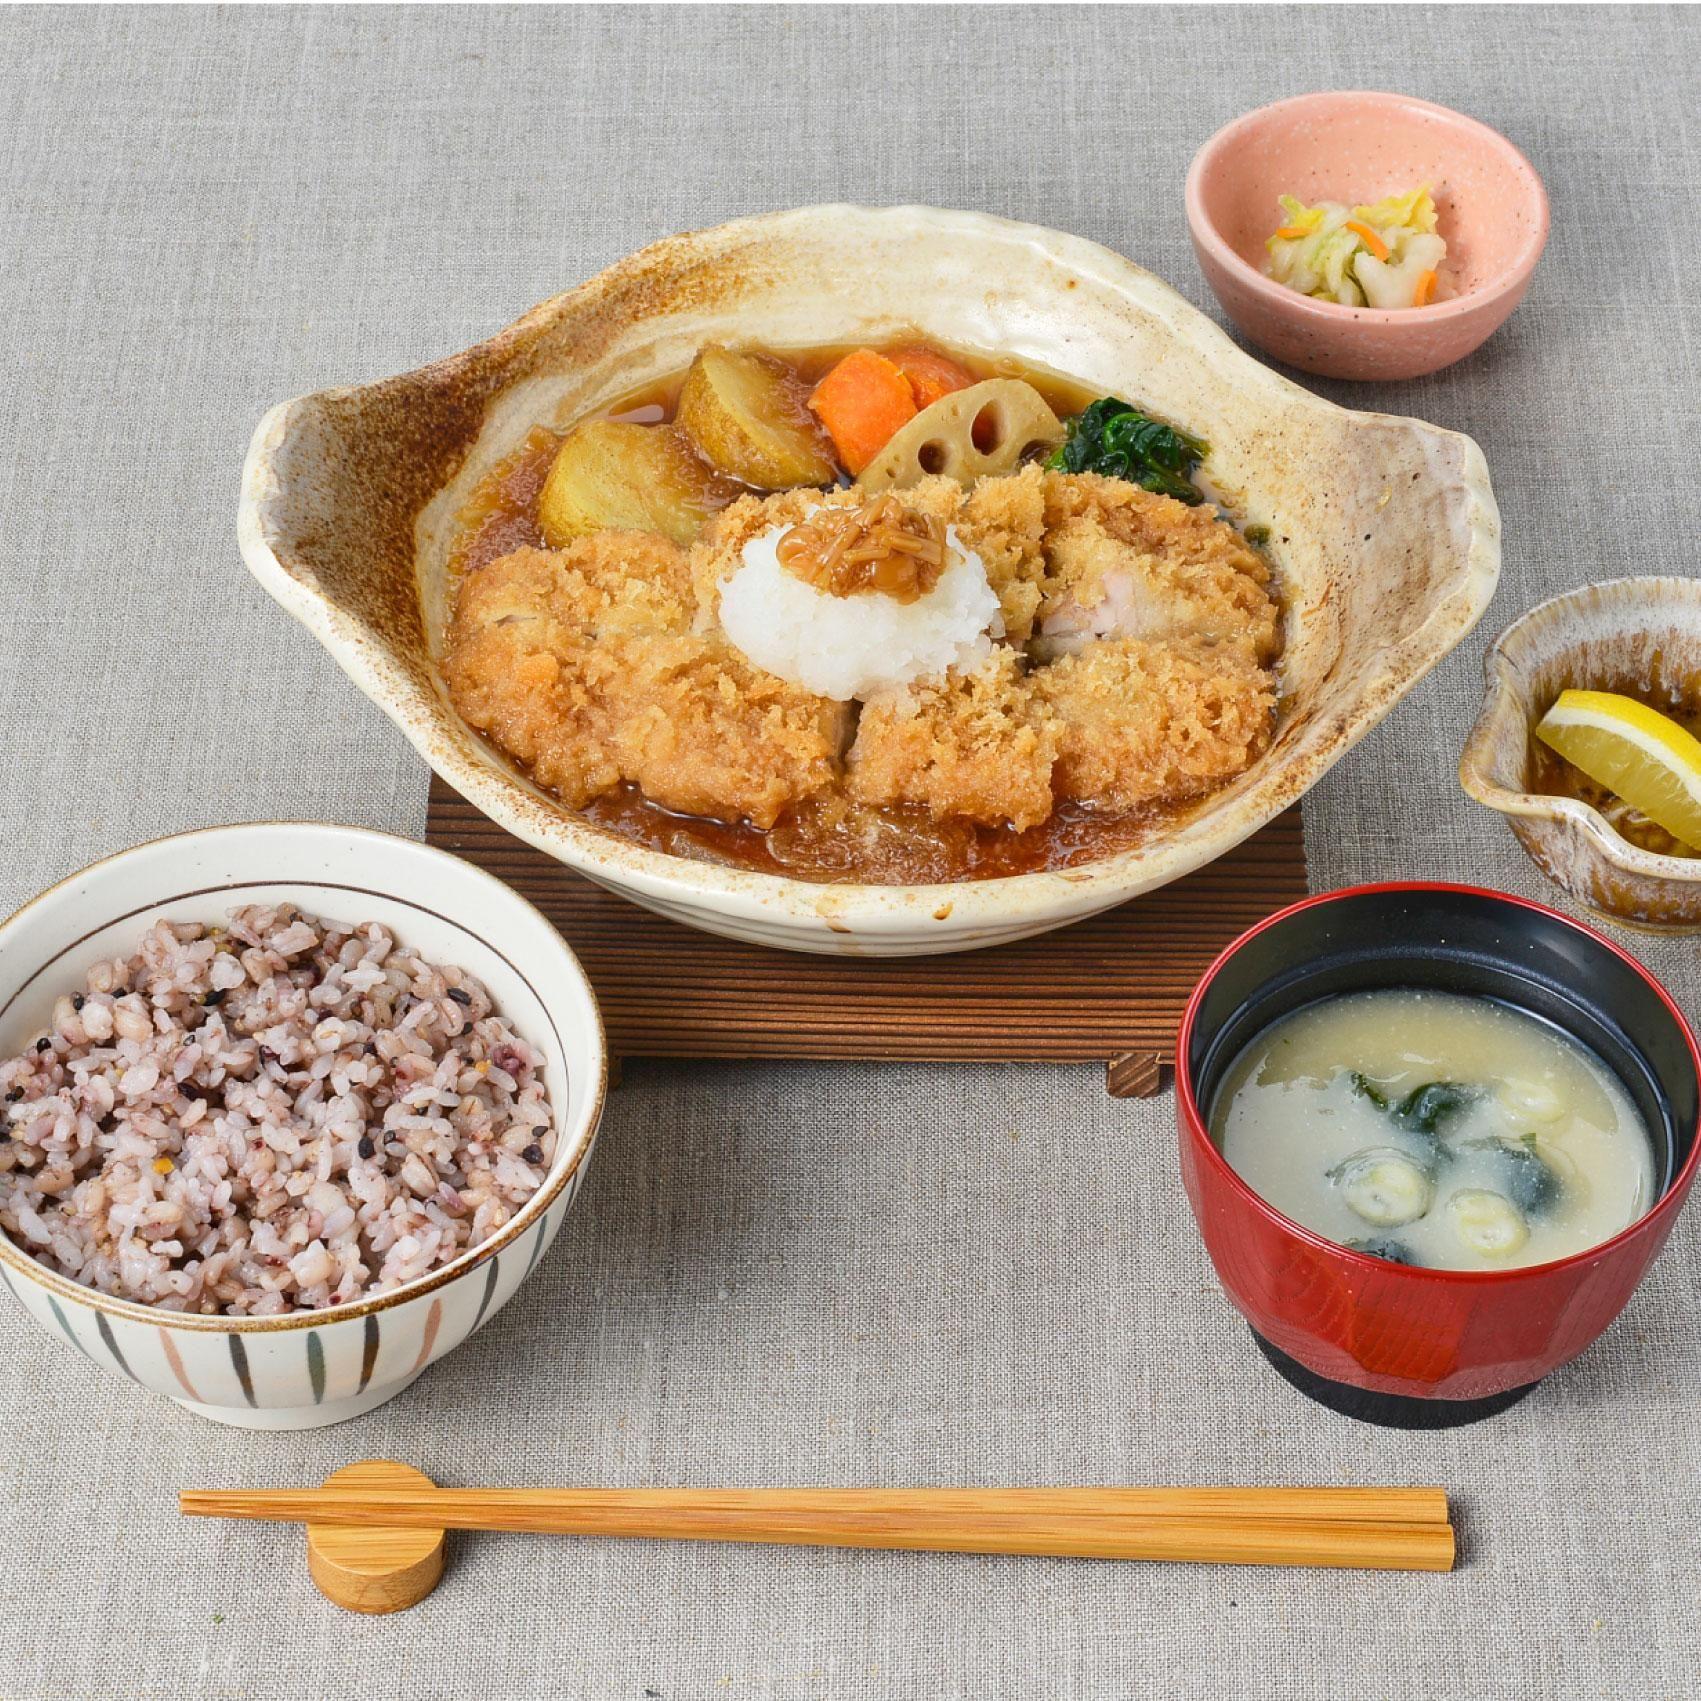 かあさん 大 煮 レシピ 戸屋 こってりおいしい味噌カツ煮 作り方・レシピ